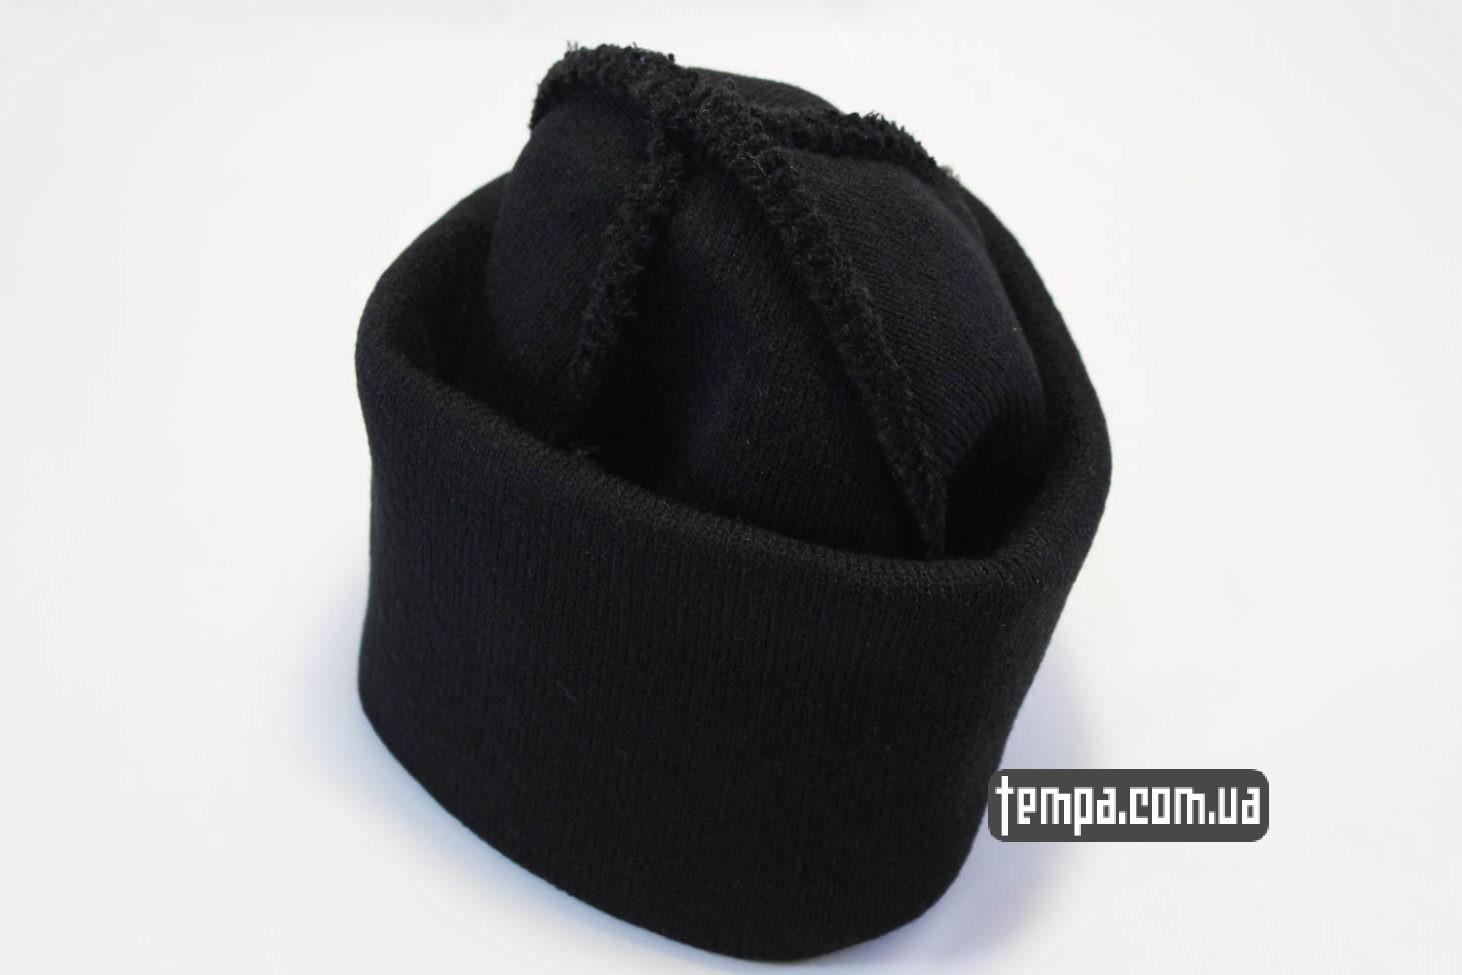 теплая зимняя шапка beanie чисто черная без надписей ASOS купить Украина